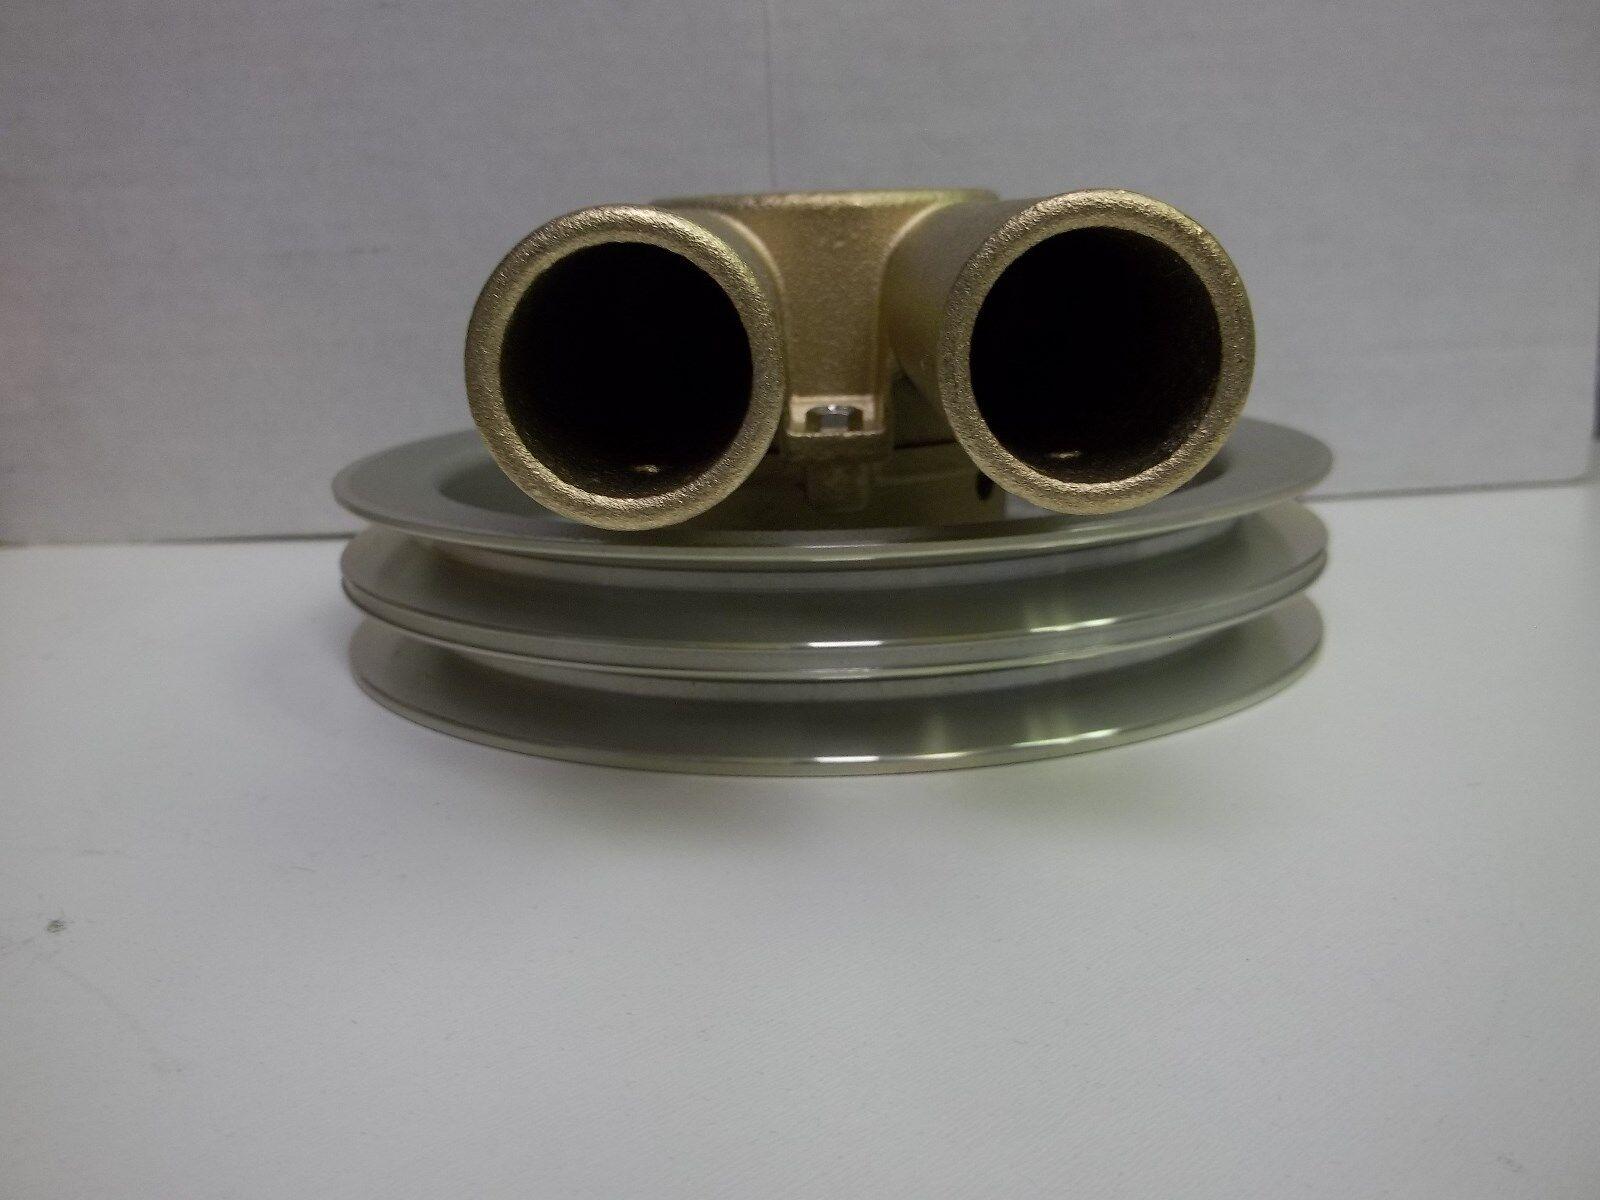 Mercruiser seawater raw water pump stainless steel wearplate repair - Volvo Penta New Raw Sea Water Pump Double V Belt Pulley 21214596 3858229 3 299 95 3 Of 3 See More